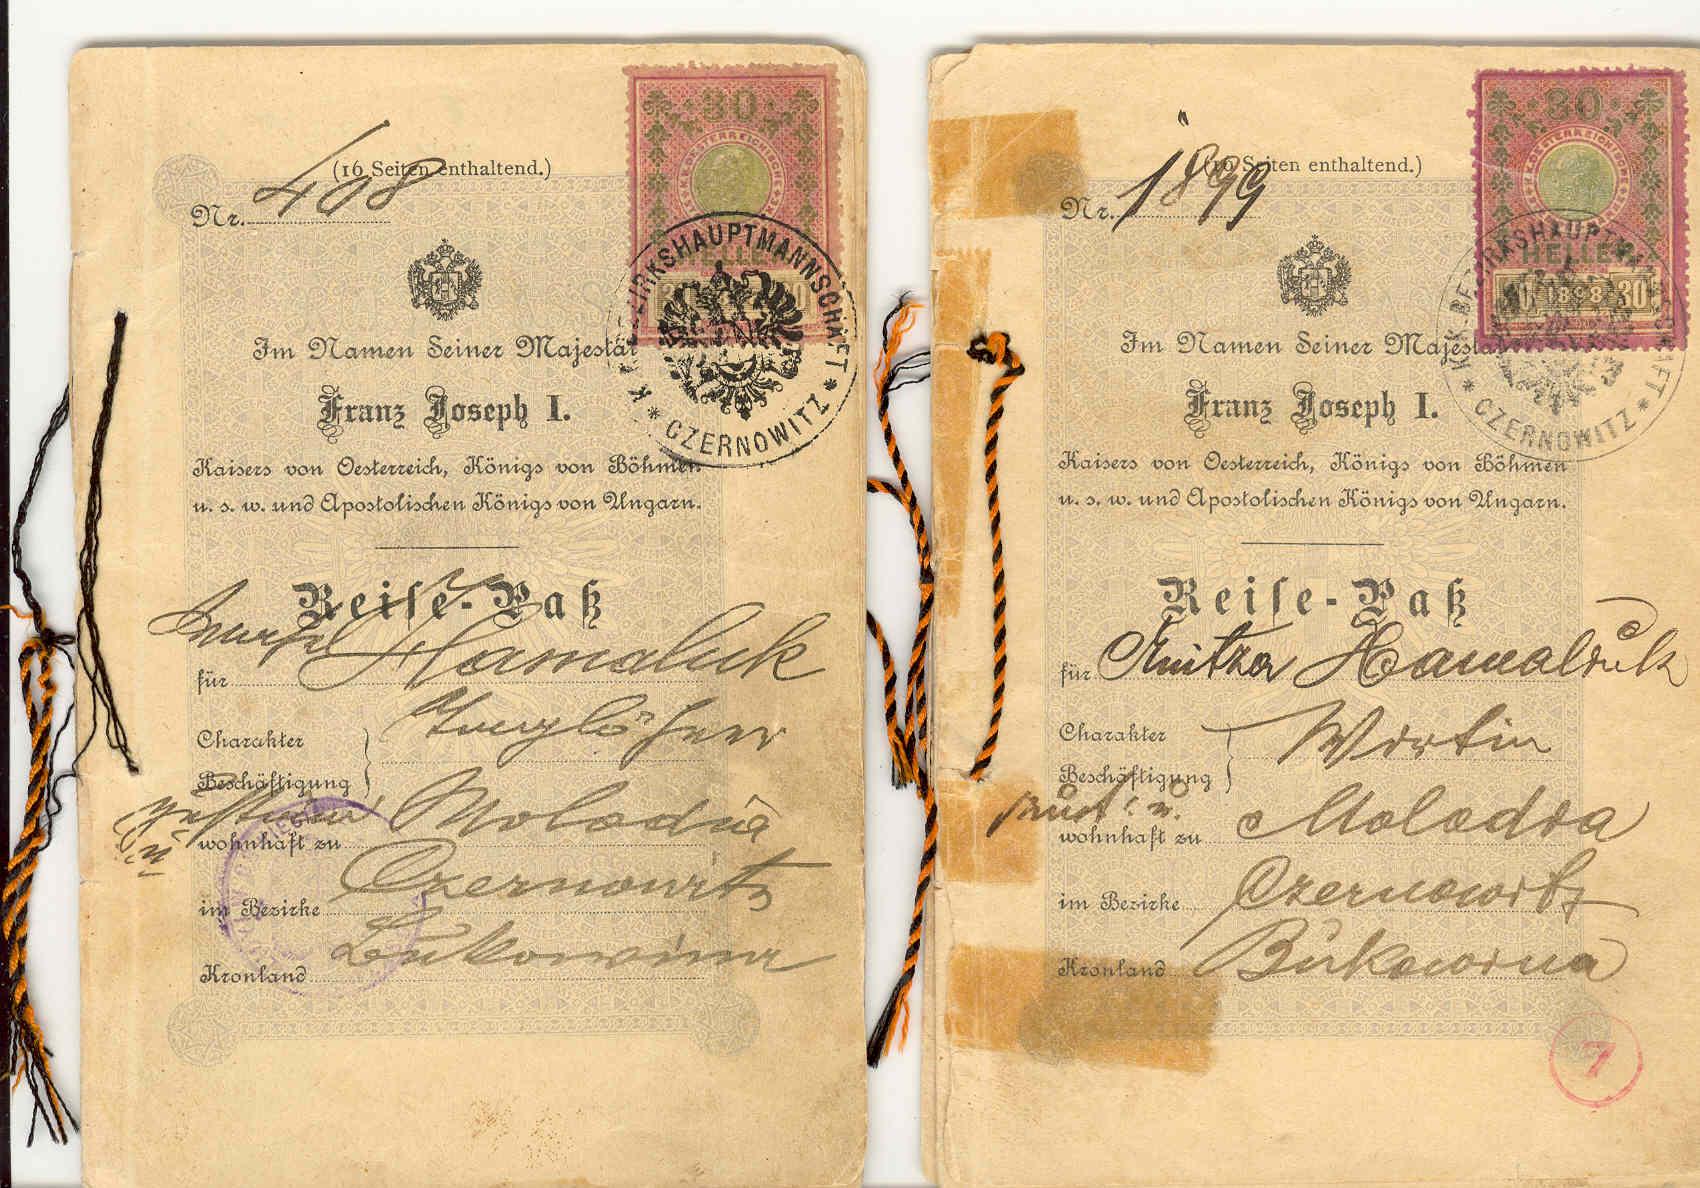 document checklist for passport